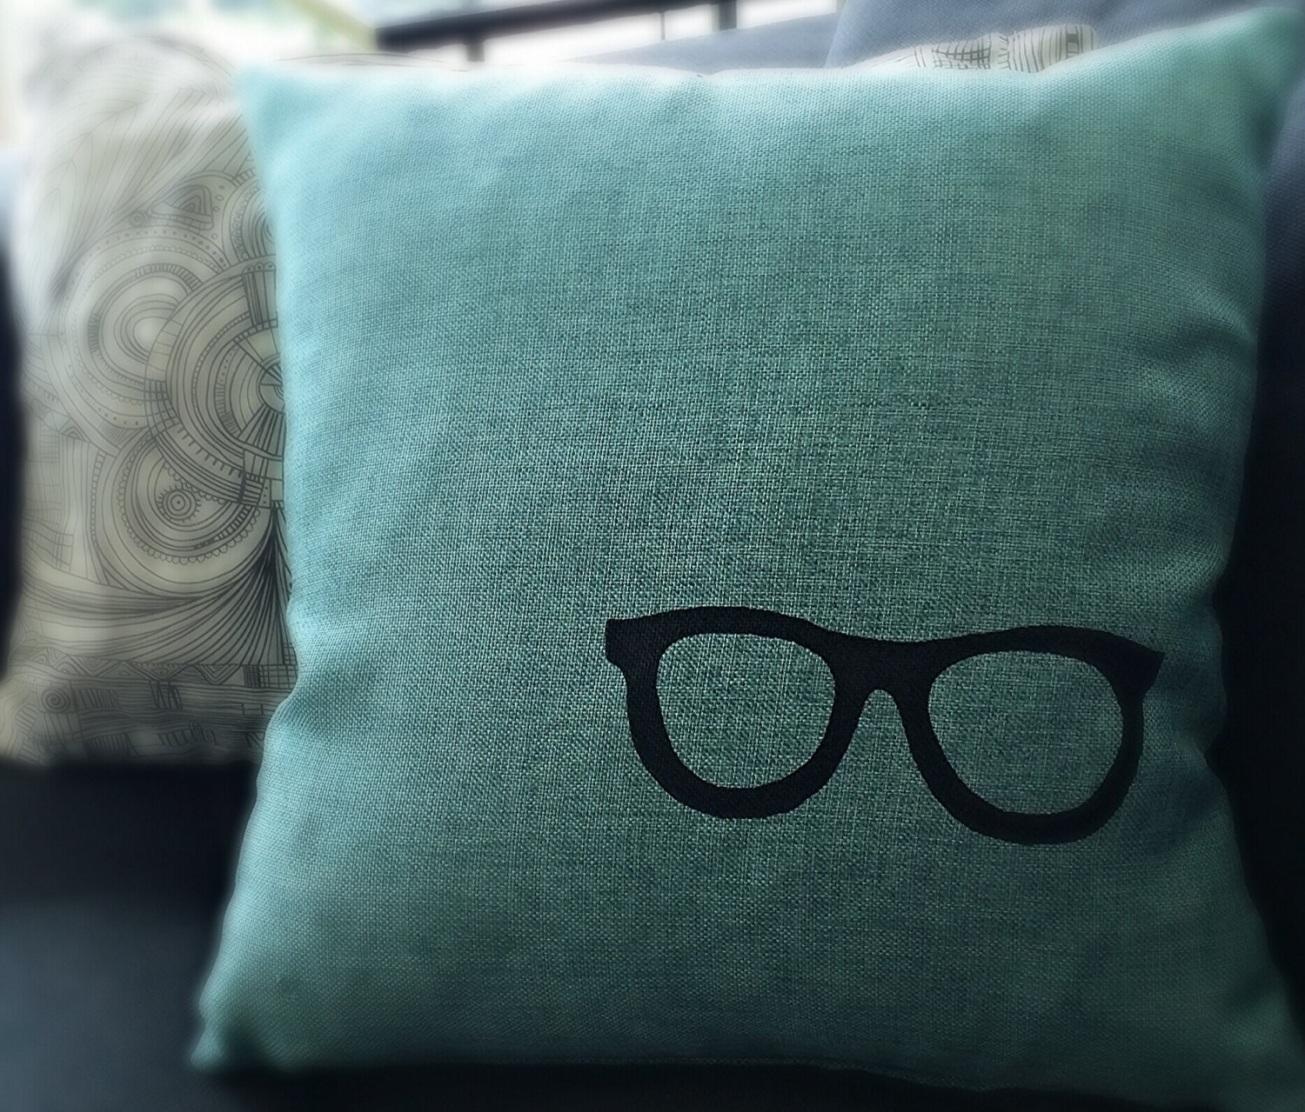 Hipster Pillow, A Morbid Tale